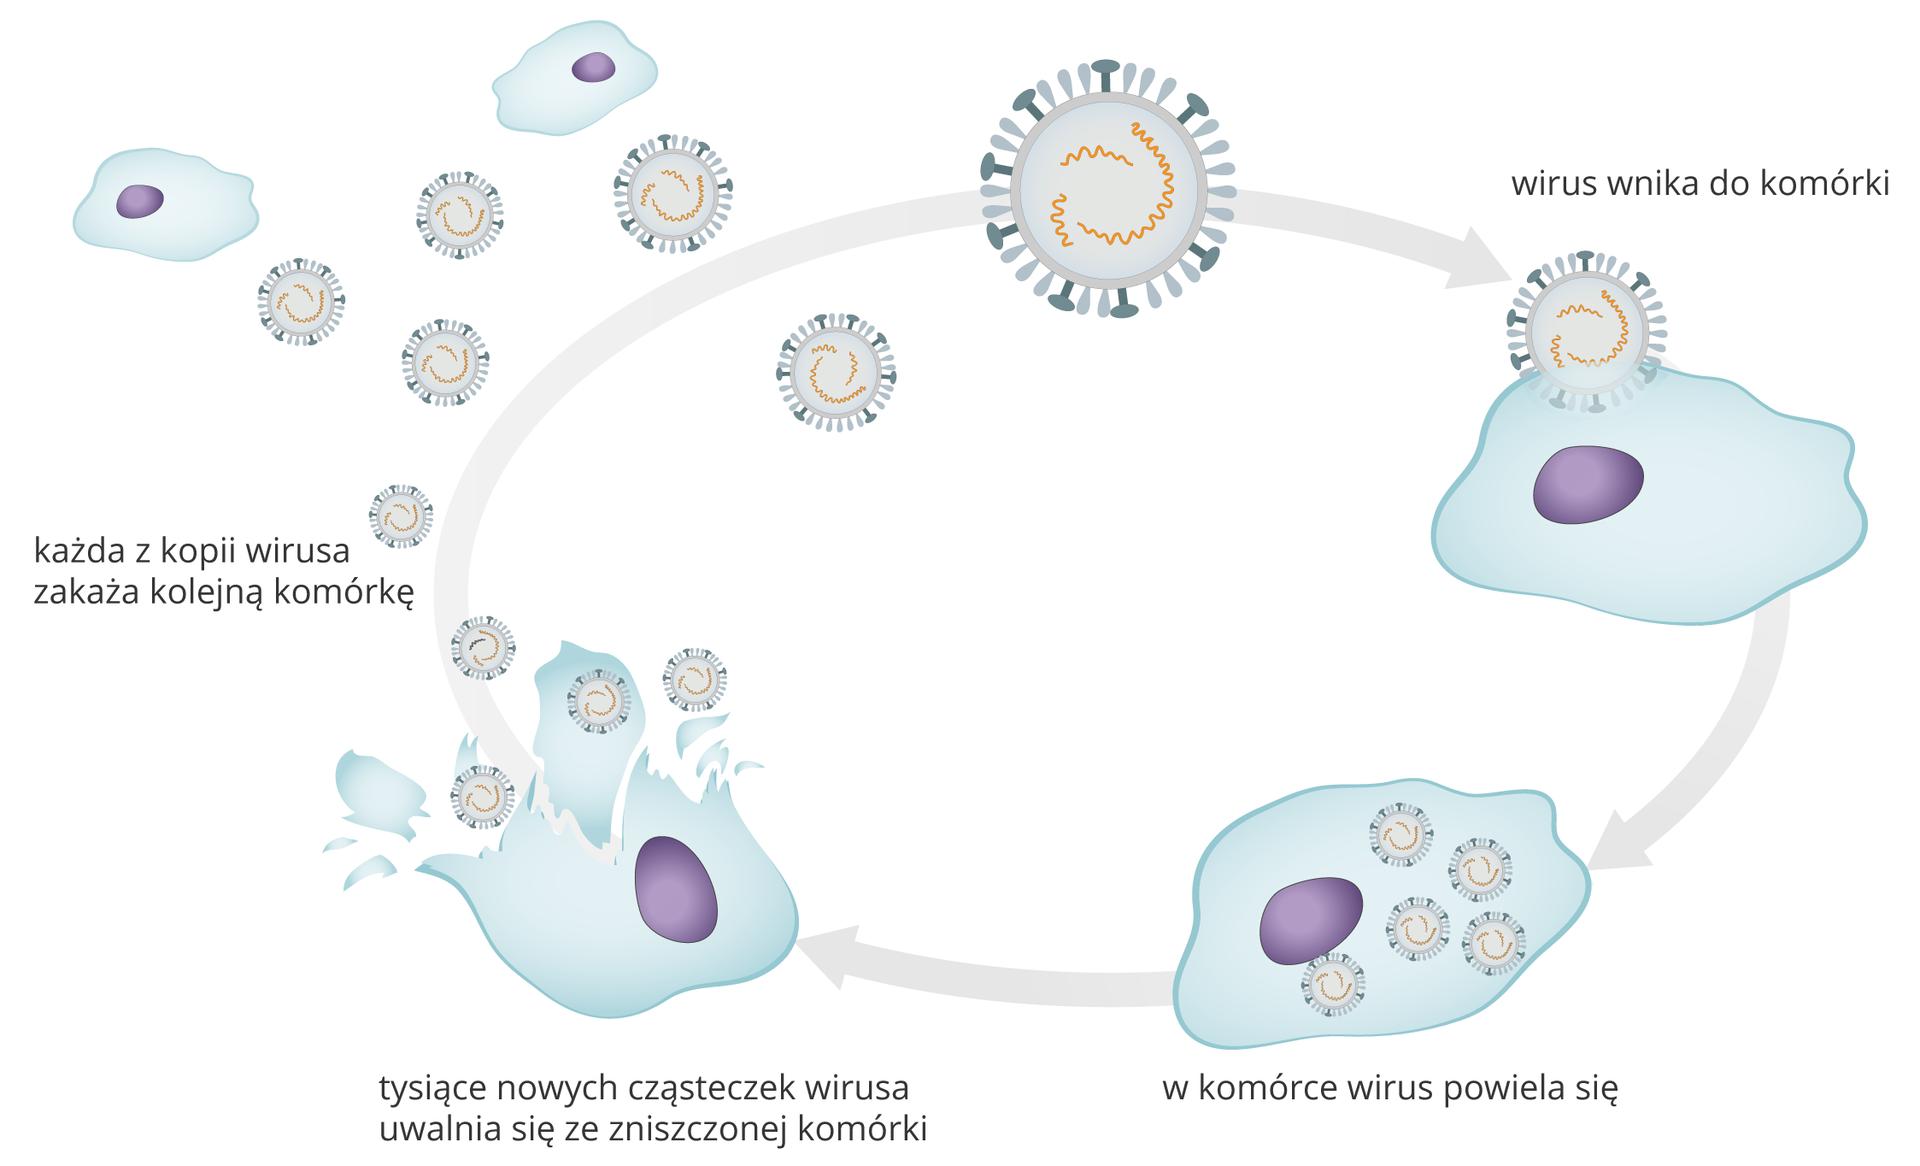 Galeria składa się zdwóch ilustracji. Ilustracje ułożone wpoziomie obok siebie. Pierwsza przedstawia wnikanie wirusa do komórki inamnażanie się wniej. Proces składa się zkilku faz. Na górze schematu widać kulisty wirus zwypustkami na powierzchni. Wfazie pierwszej wirus wnika to komórki. Komórka to twór opofalowanych brzegach zjądrem wśrodku. Druga faza to namnażanie się (powielanie) tego samego wirusa we wnętrzu komórki wtysiącach kopii. Na rysunku komórka jest wypełniona drobnymi wirusami wkolorze niebieskim. Trzecia faza to rozpad komórki. Na rysunku zewnętrzna otoczka jest przerwana, adrobne wirusy wydostają się na zewnątrz rozerwanej komórki. Poniżej informacja: tysiące nowych cząsteczek wirusa uwalnia się ze zniszczonej komórki. Czwarta faza: małe okrągłe wirusy znajdują się wpobliżu kolejnych komórek. Poniżej informacja: każda zkopii wirusa zakaża kolejną komórkę. Poszczególne fazy łączy szara strzałka. Groty strzałek wskazują kolejne ilustracje zgodnie zruchem wskazówek zegara. Schemat ma kształt elipsy.